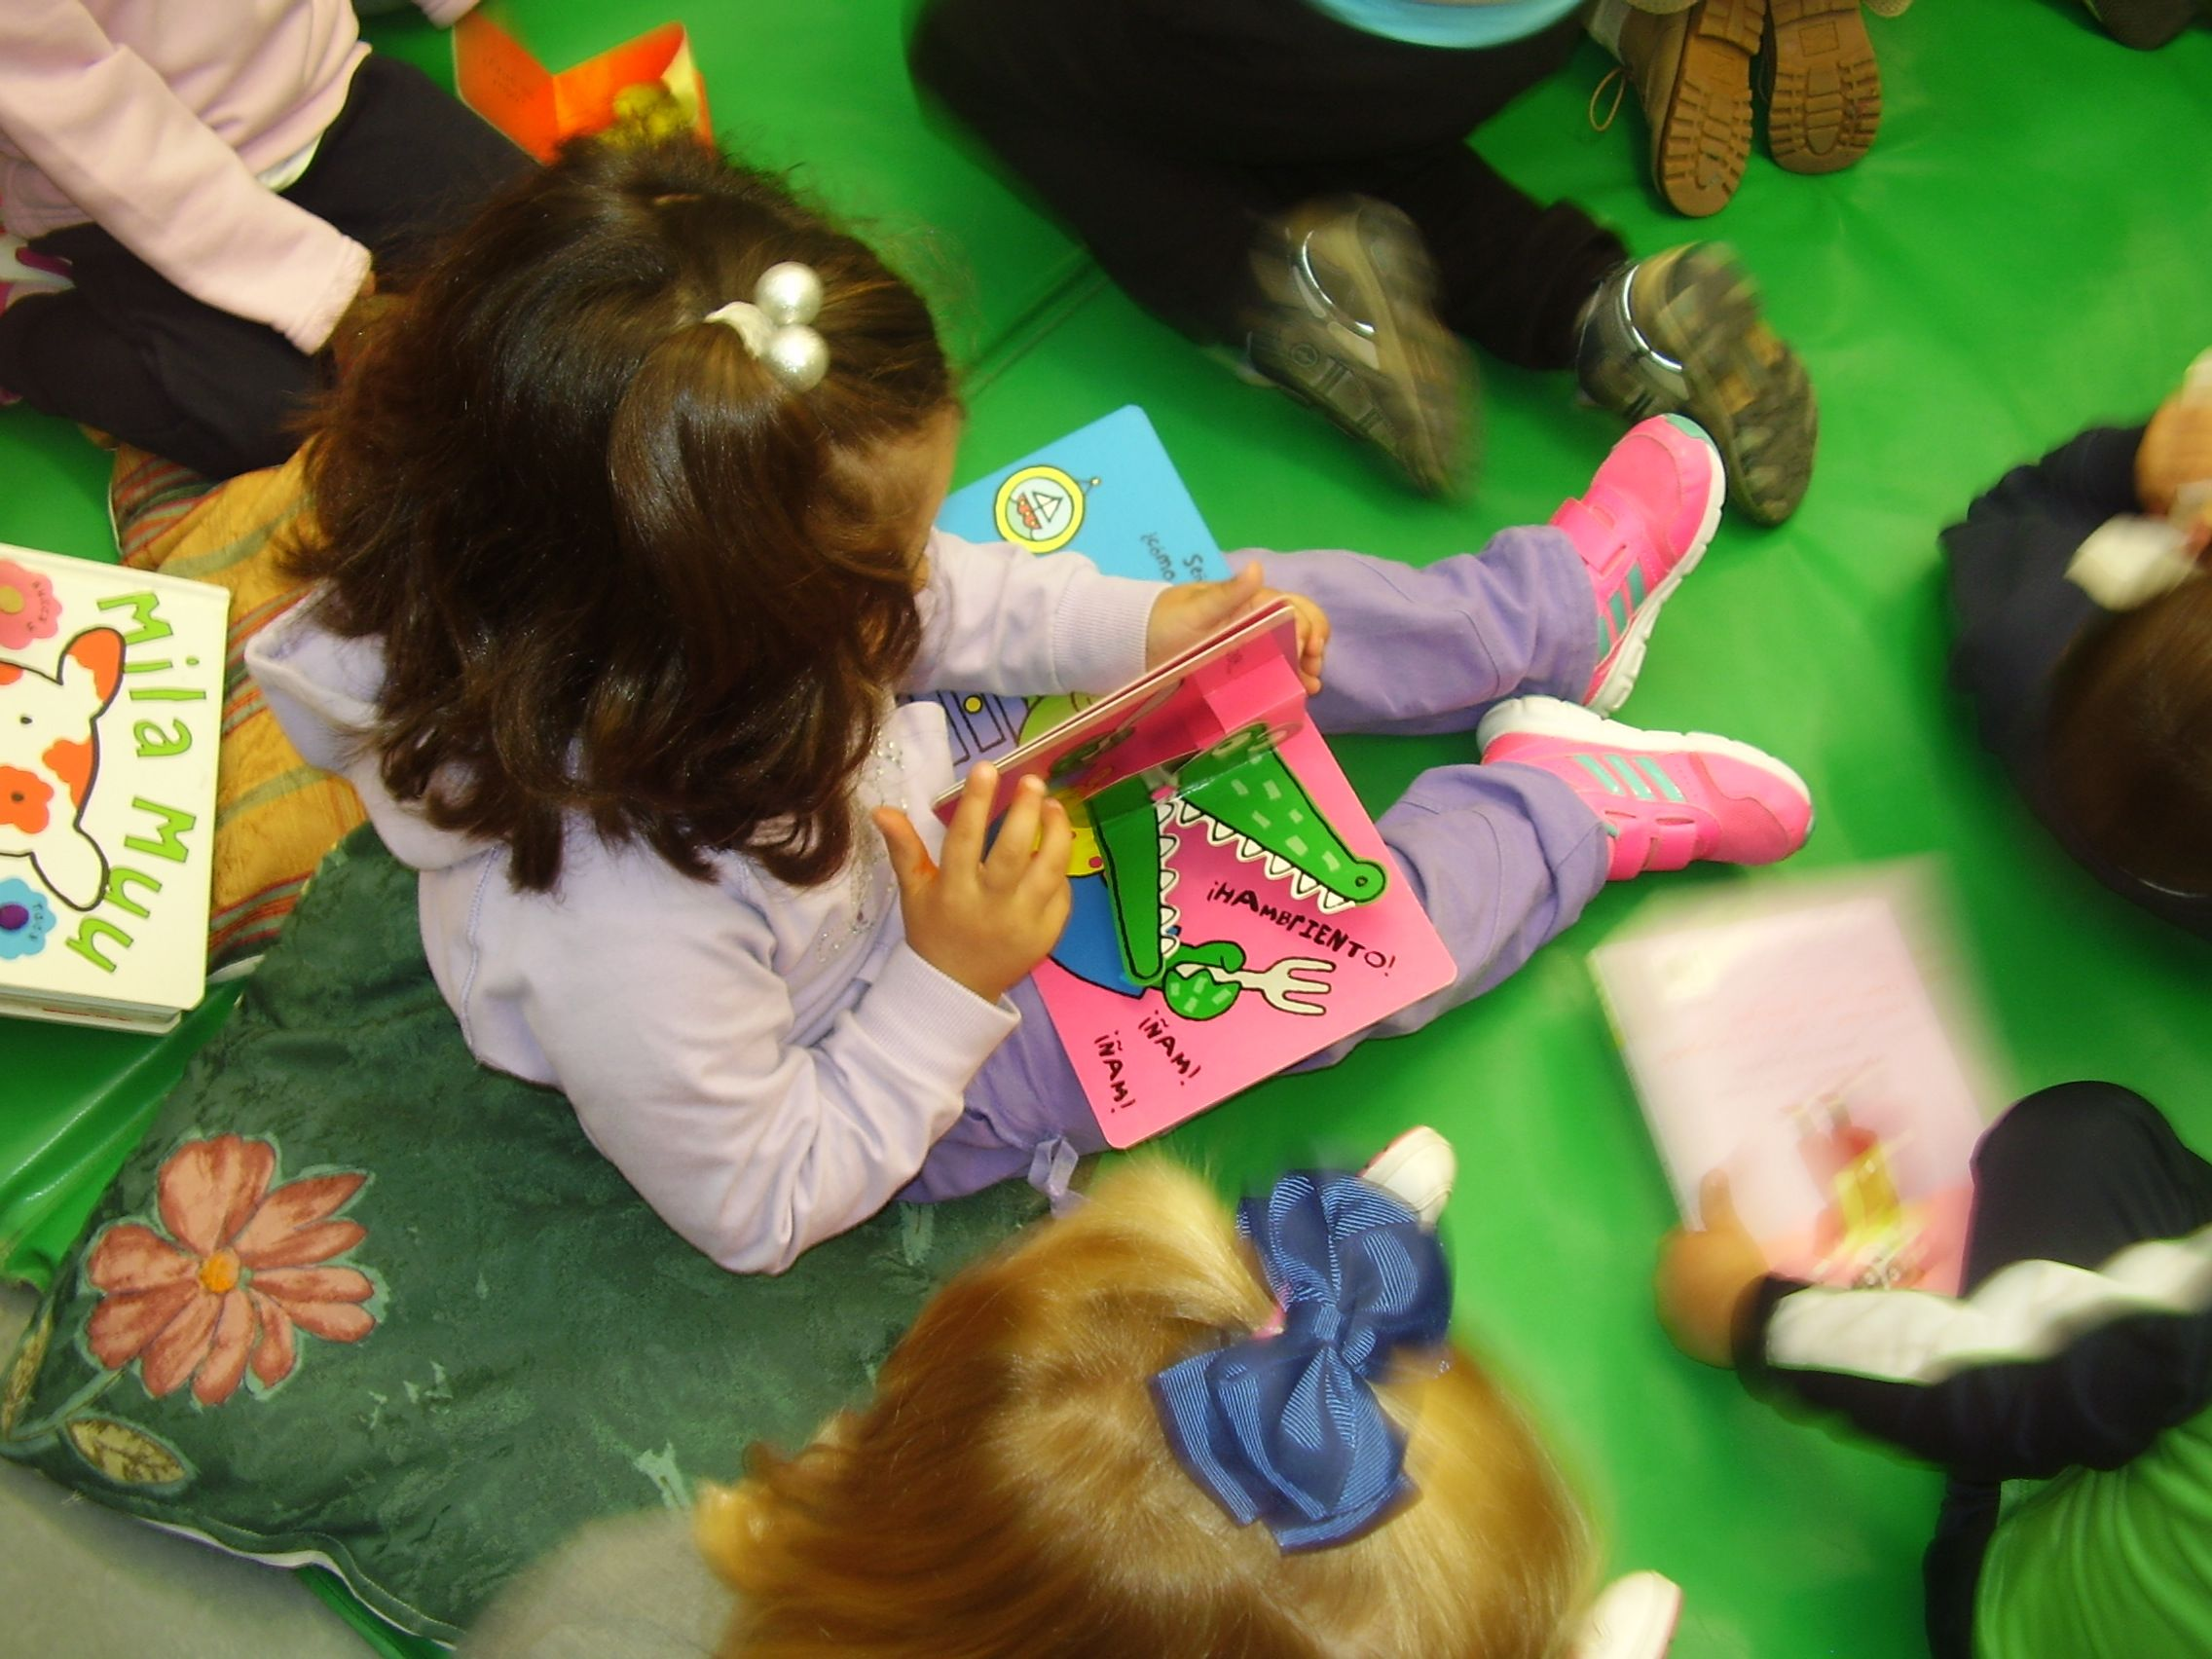 Visita escolar a la Biblioteca de los alumnos/as de 3 años del C.P. Manuel Fernández Juncos.